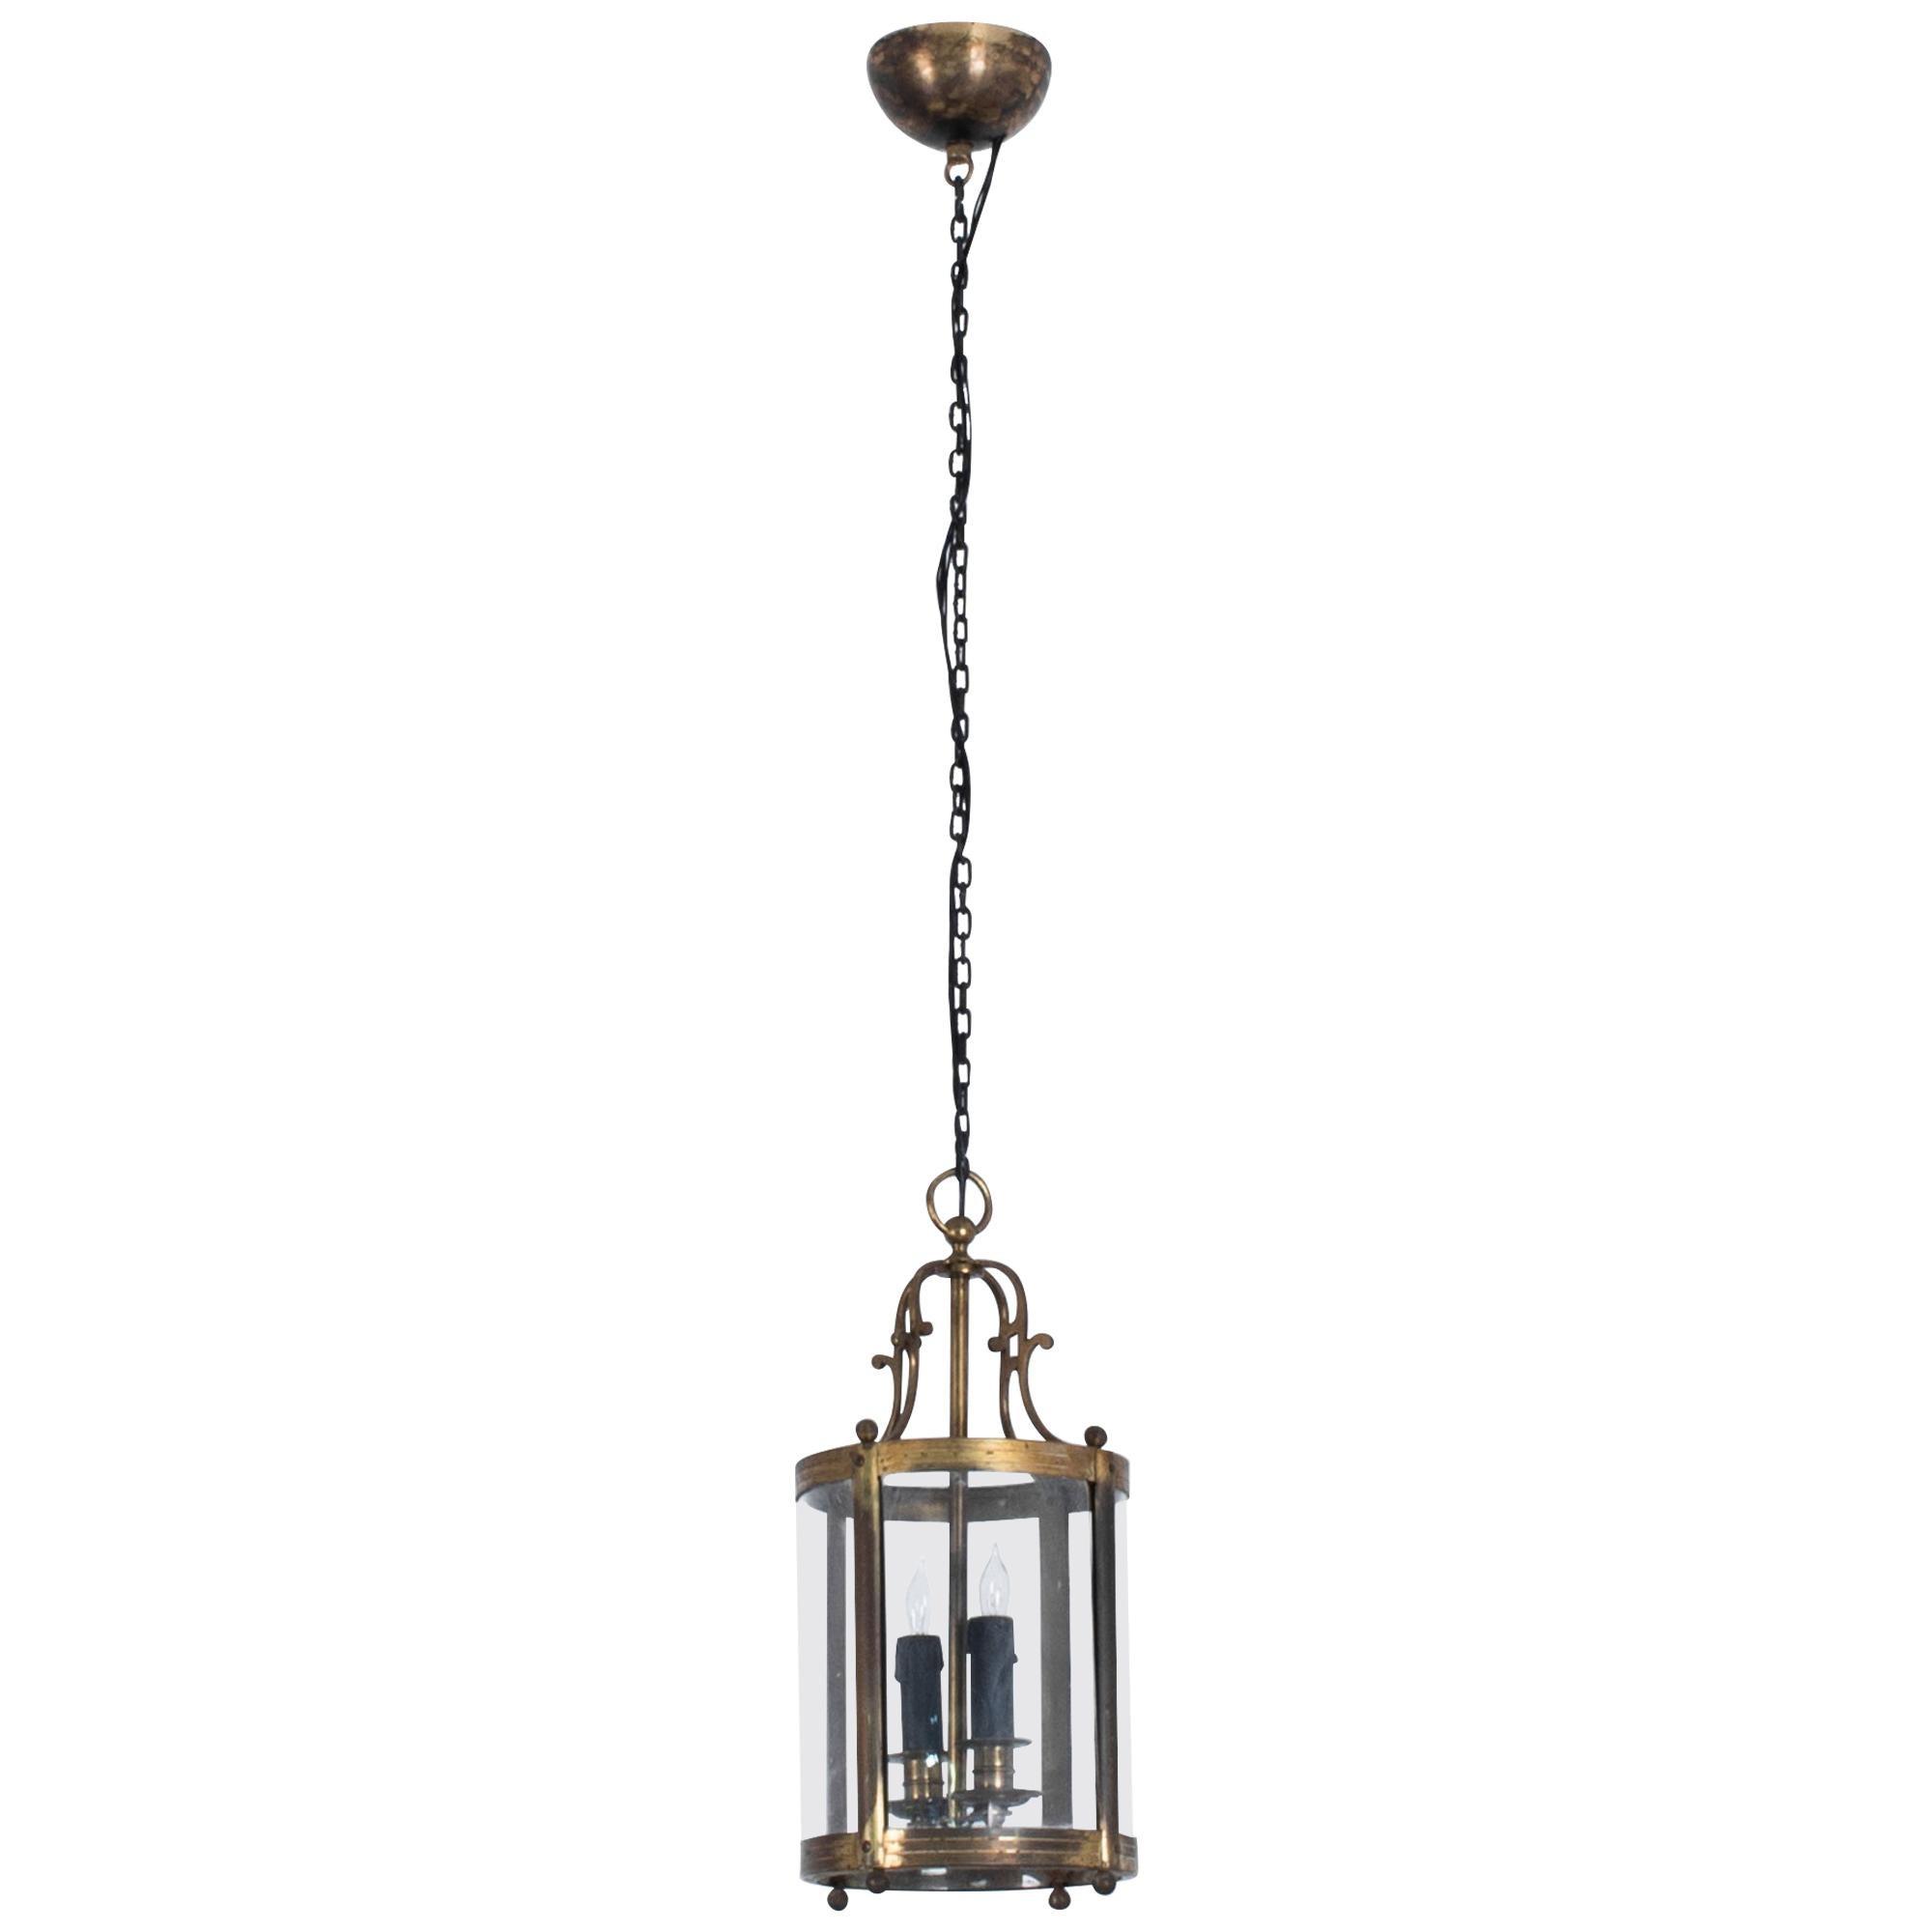 1920s French Brass Lantern